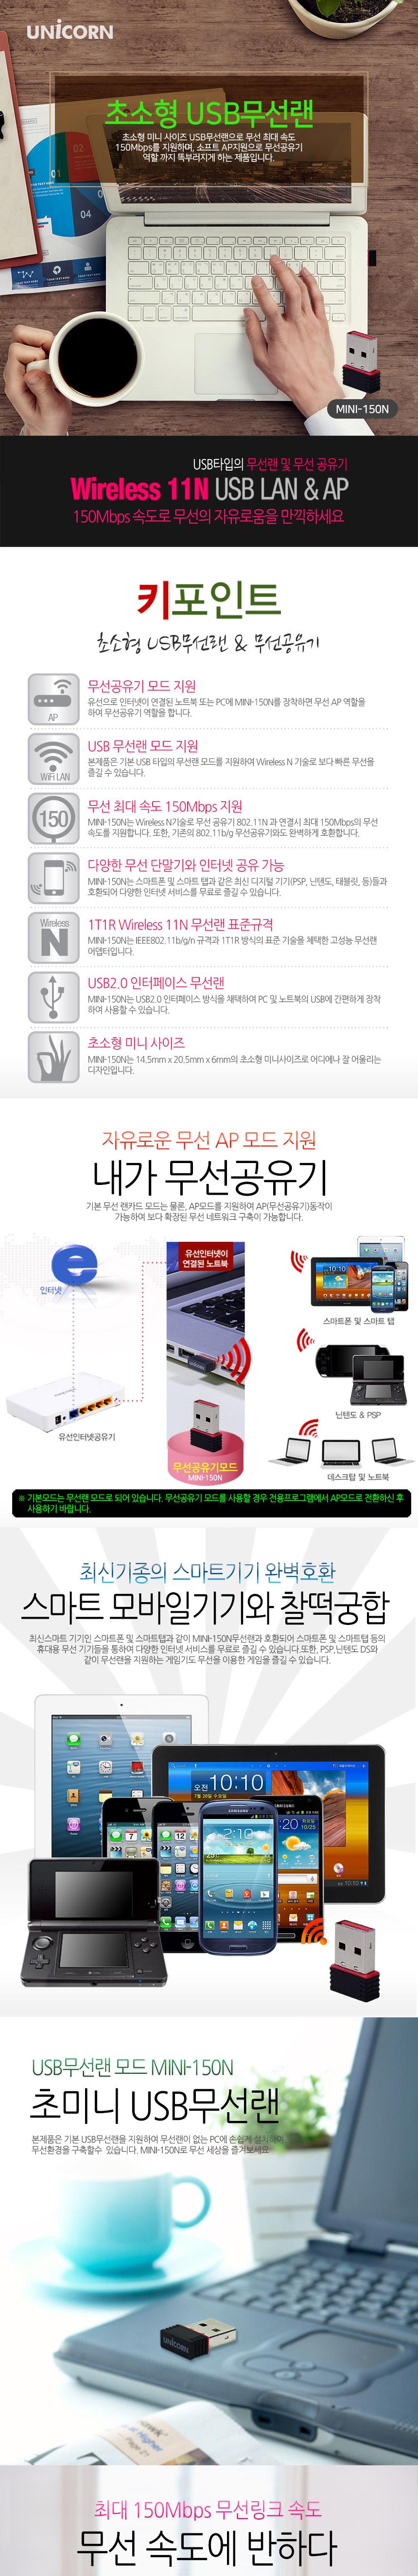 서진네트웍스 UNICORN MINI-150N USB 2.0 무선랜카드